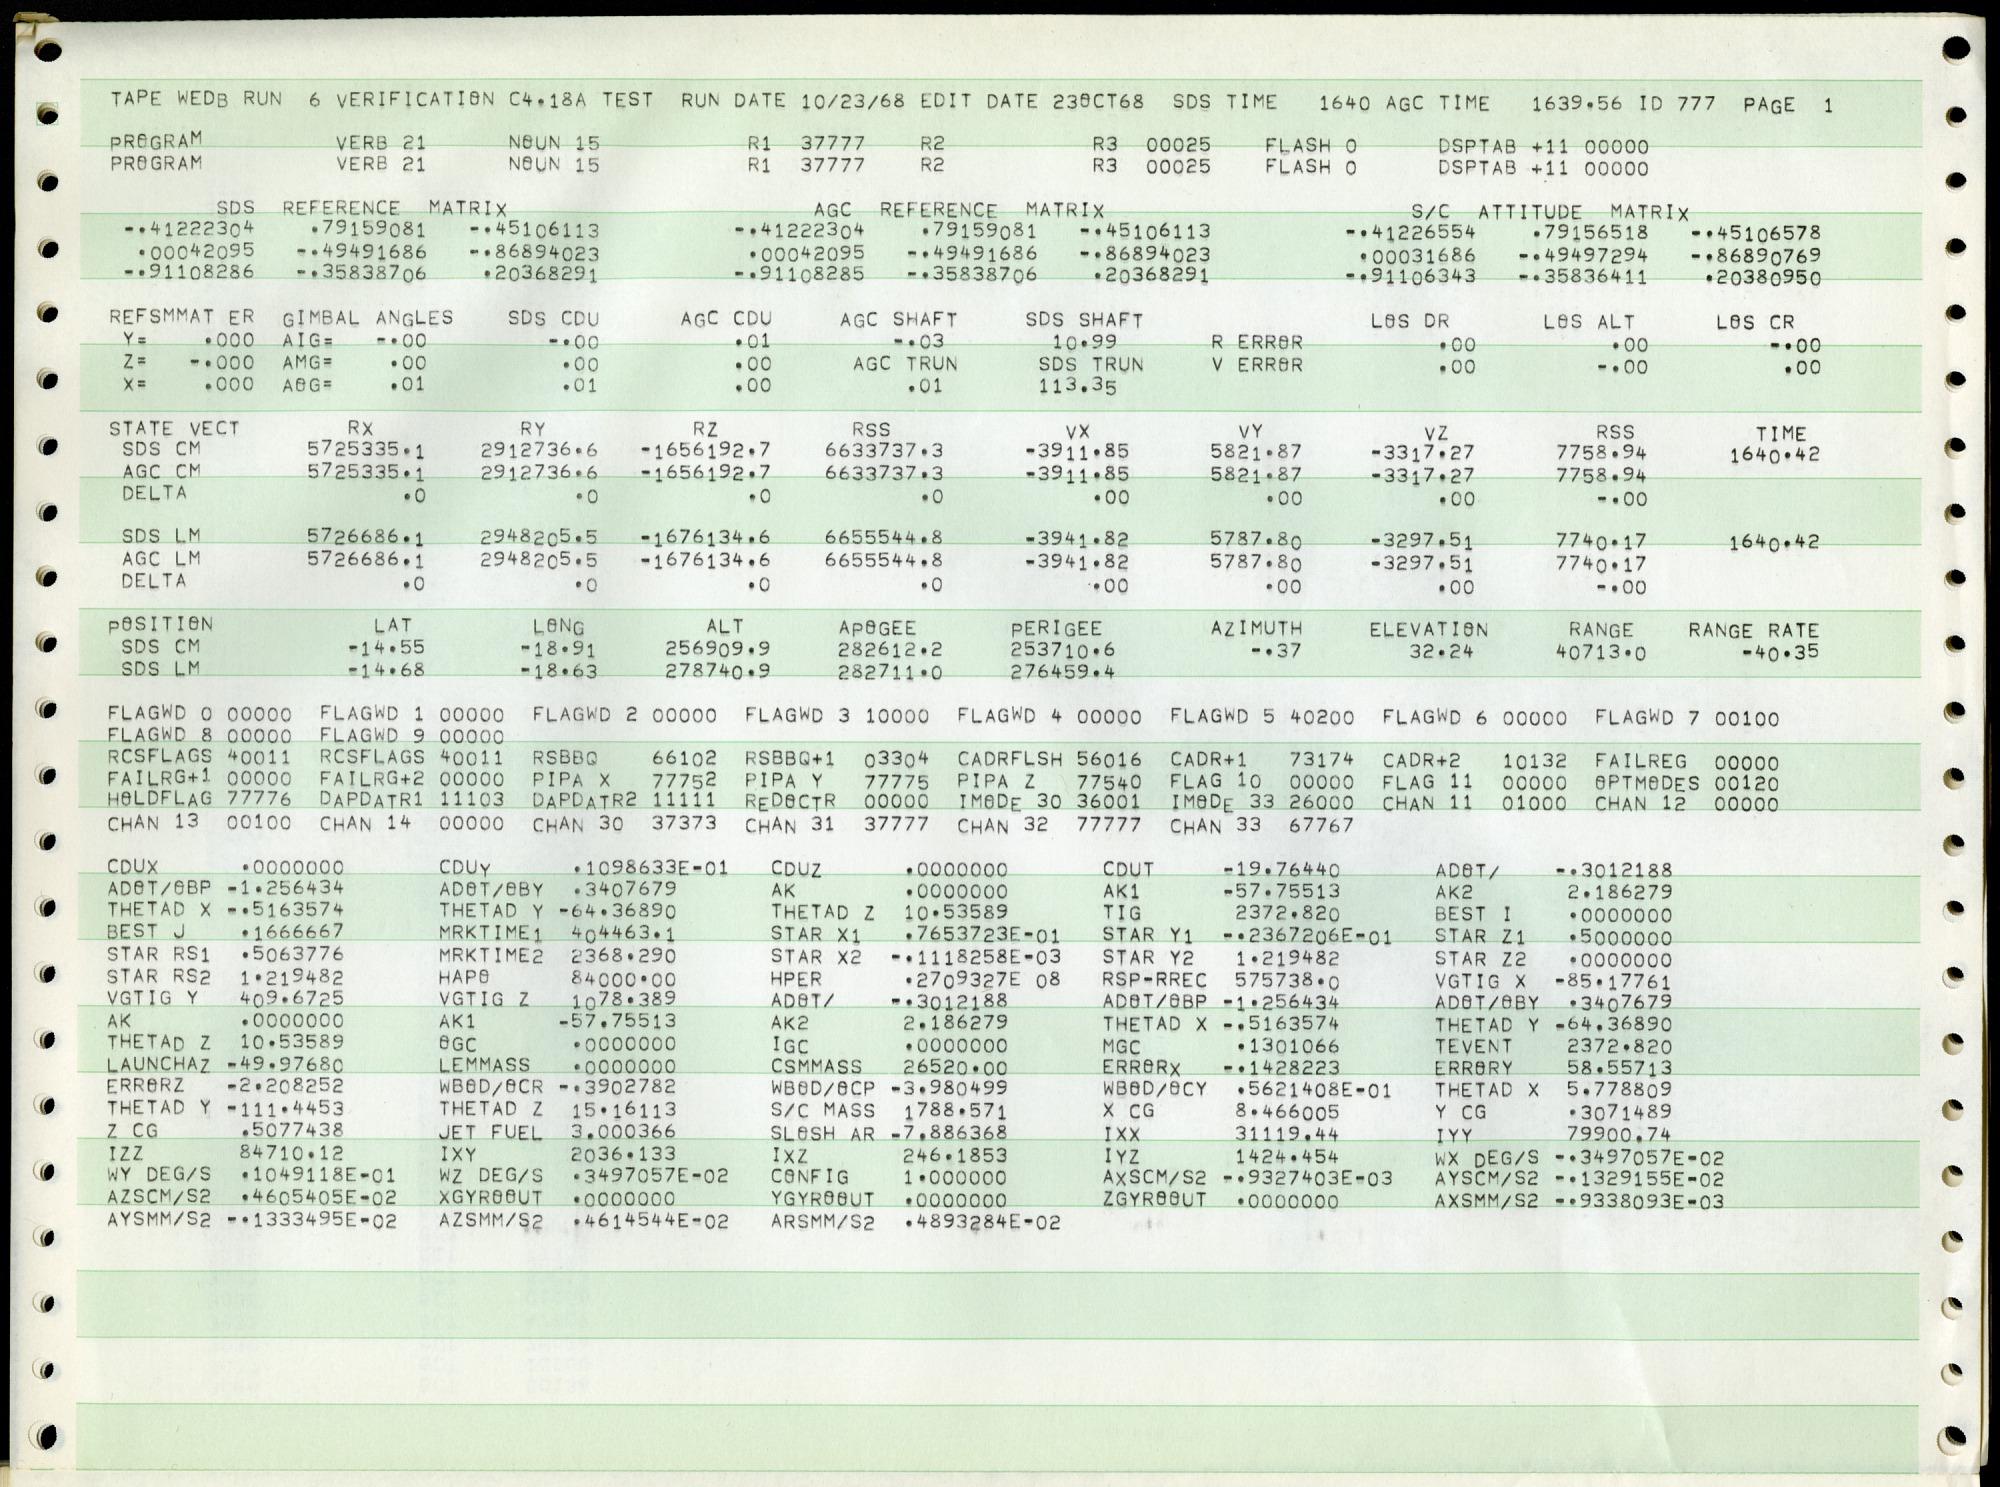 Apollo Flight Guidance Computer Software Collection Hamilton